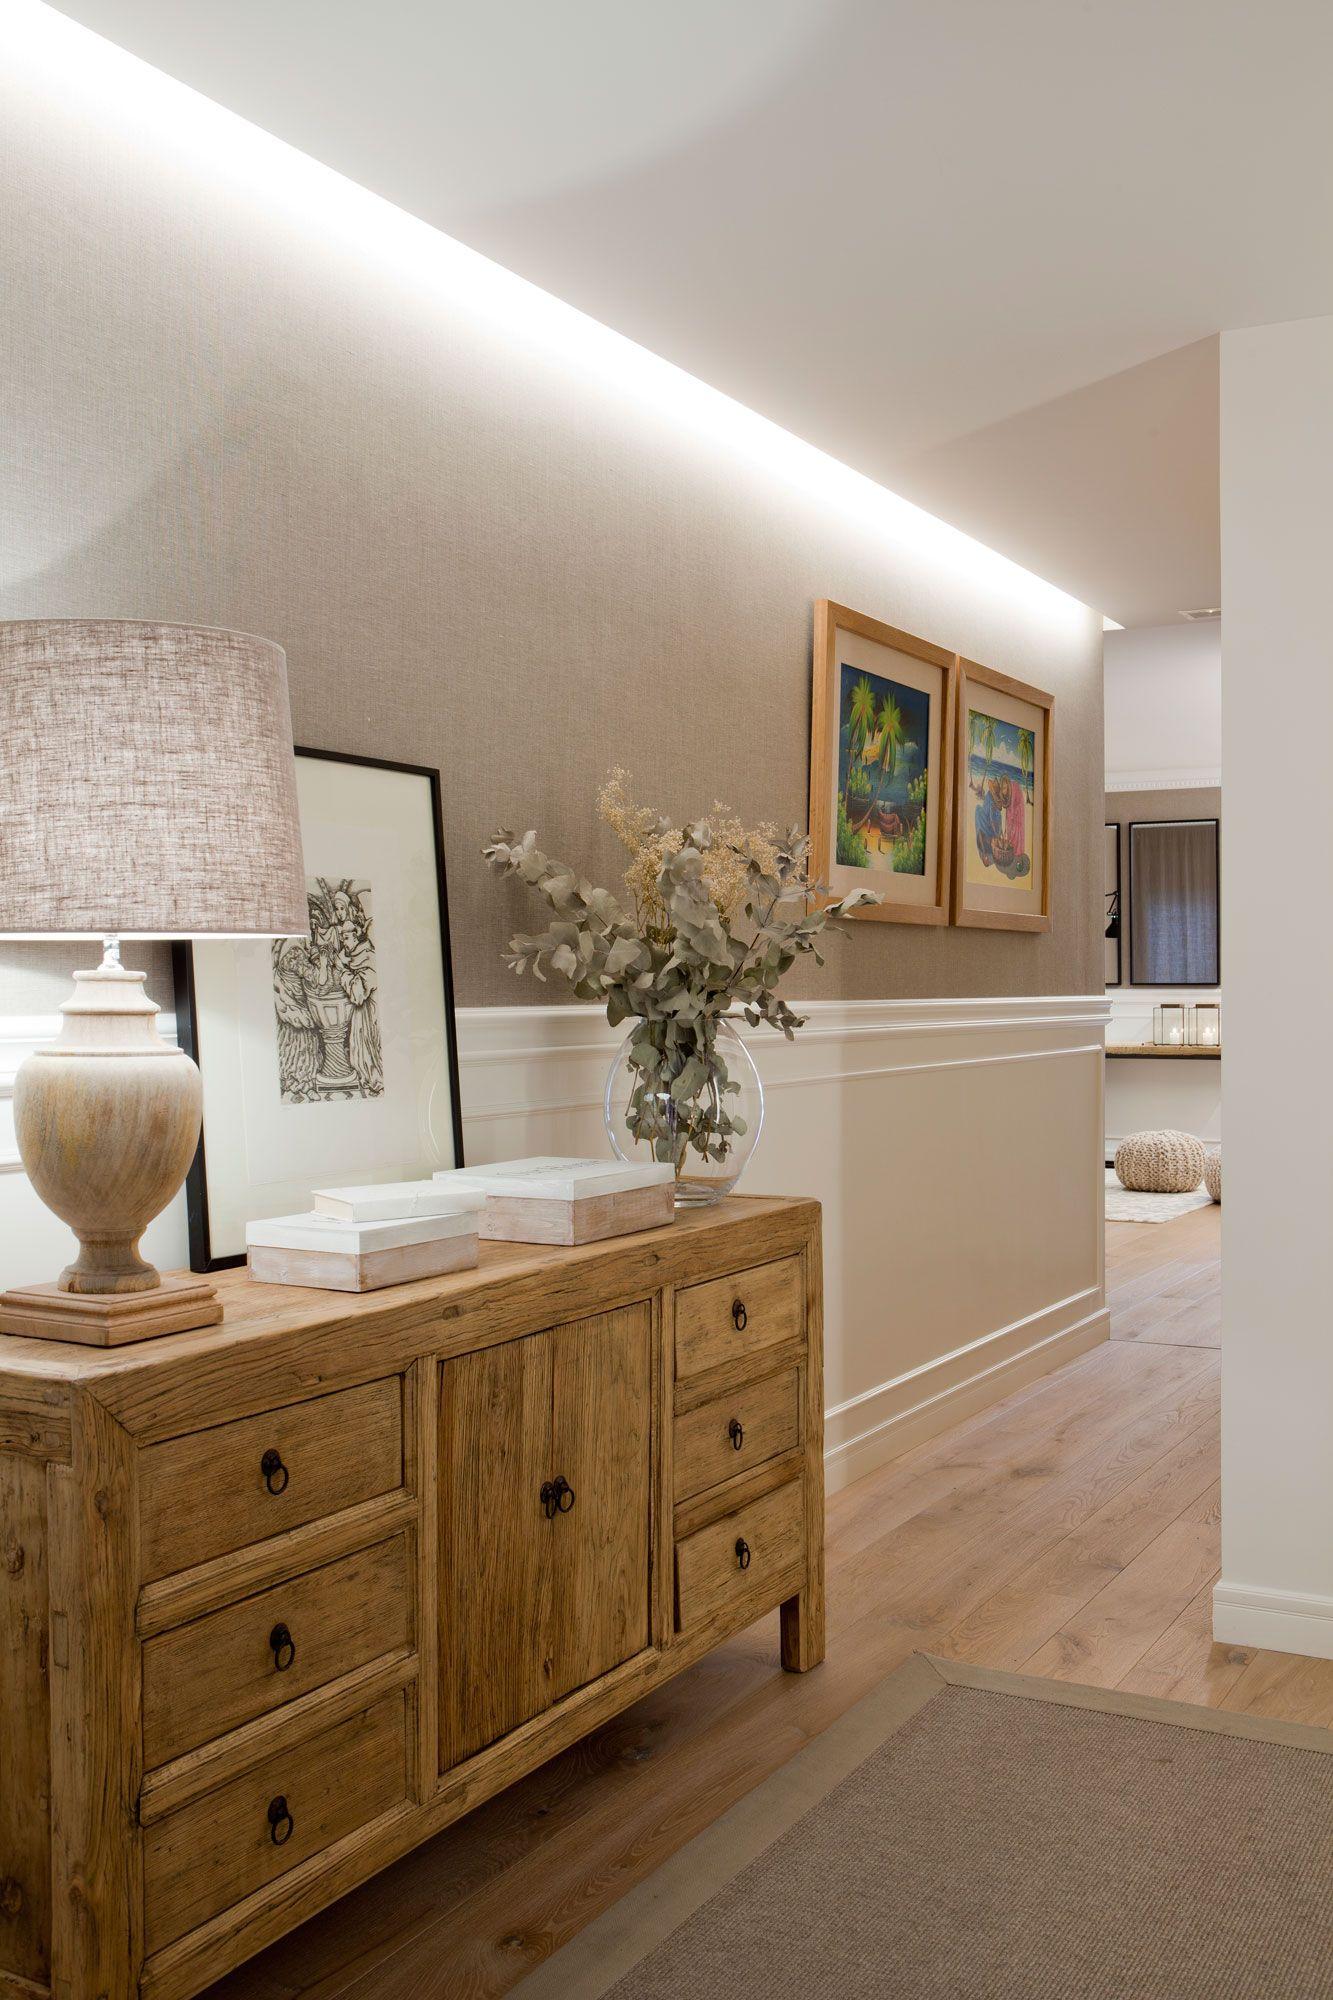 10 desastres decorativos que debes evitar al iluminar la casa